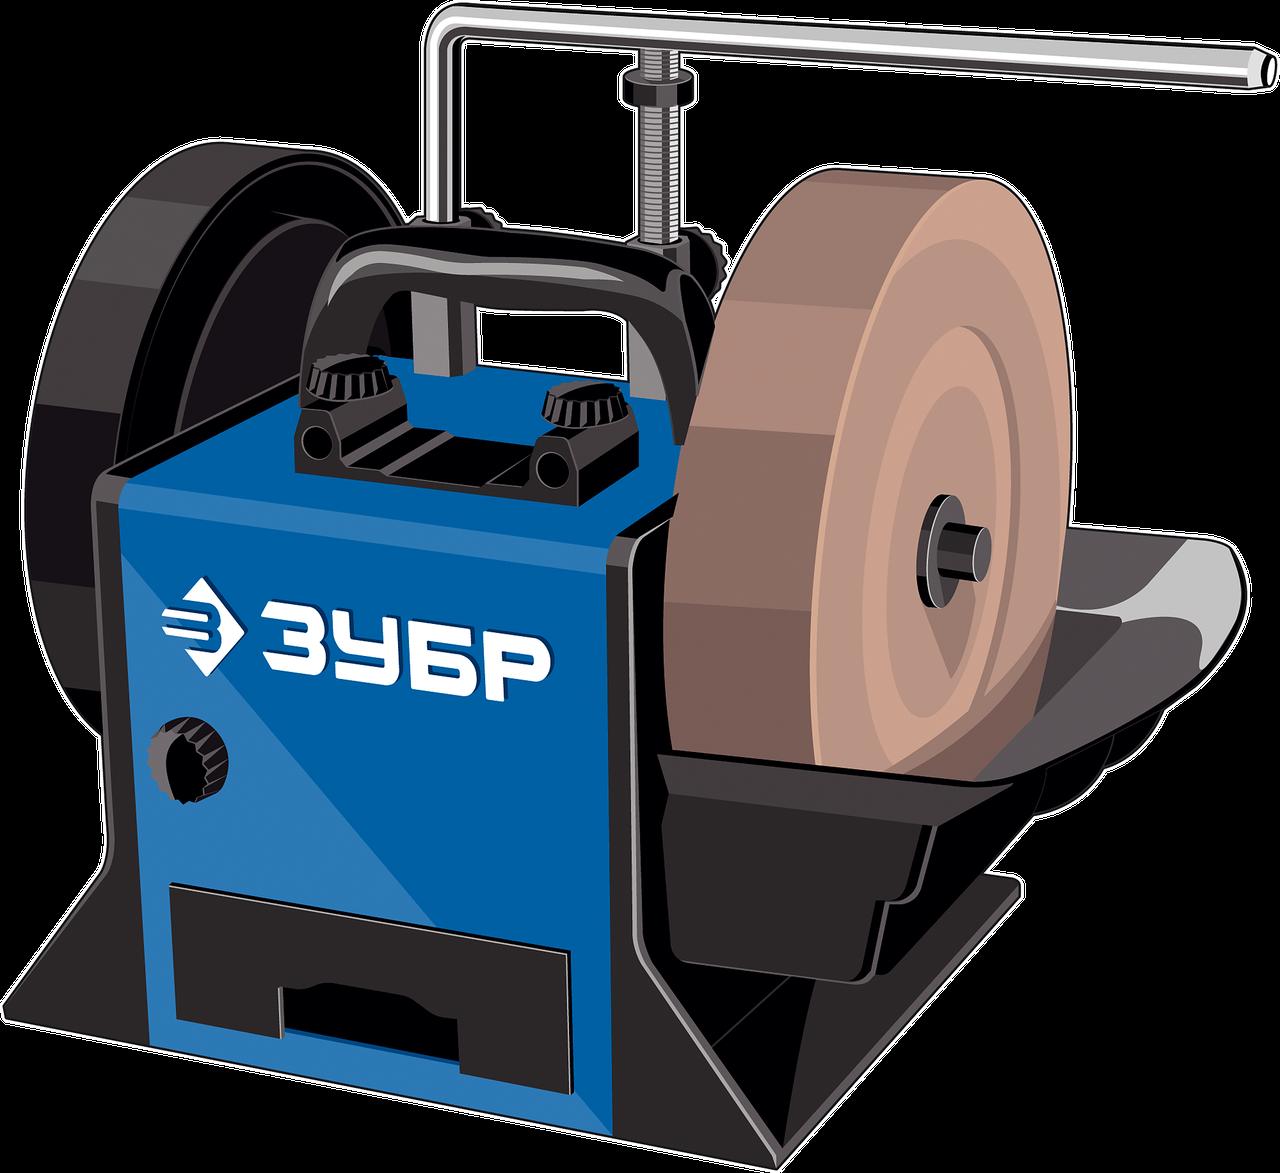 ЗУБР ППС-250 шлифовально-полировальный станок, d 250 мм, 160 Вт